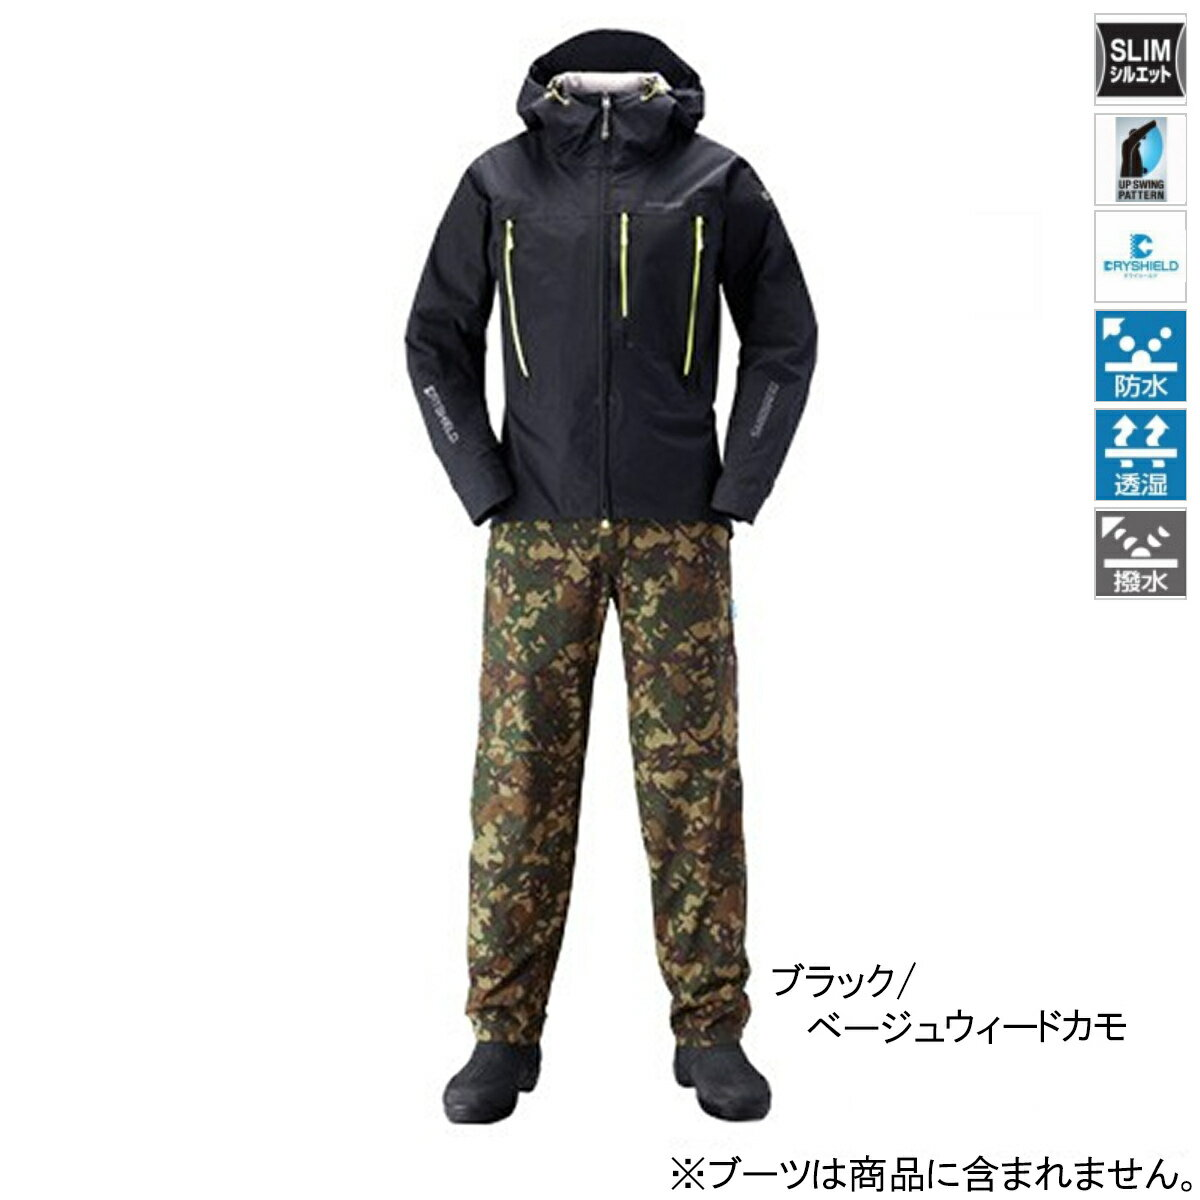 シマノ DSエクスプローラースーツ RA-024S XL ブラック/ベージュウィードカモ【送料無料】